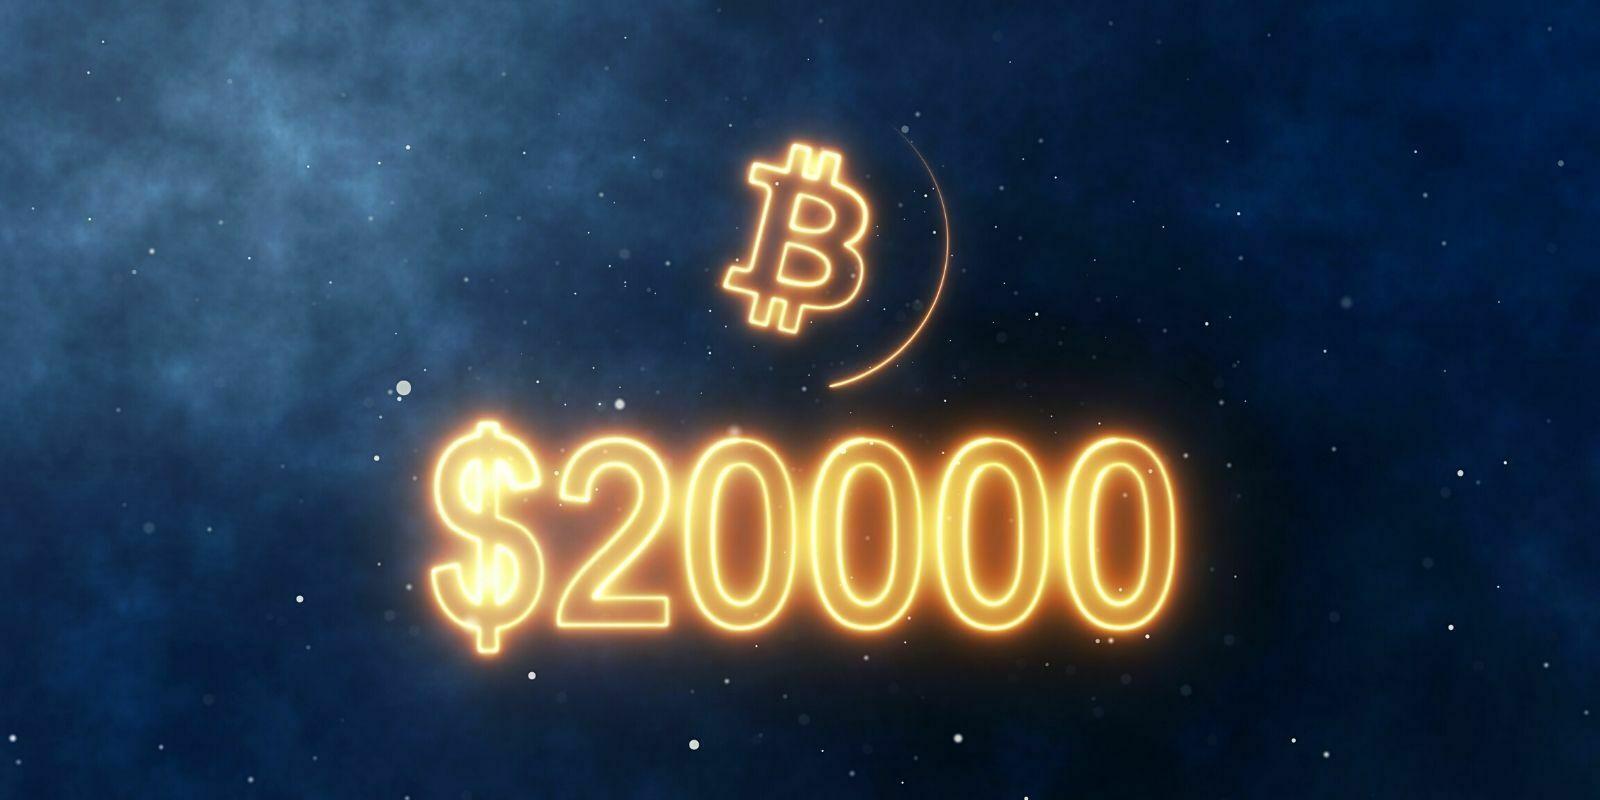 Le Bitcoin (BTC) établit un nouveau record historique et dépasse les 20 000 $